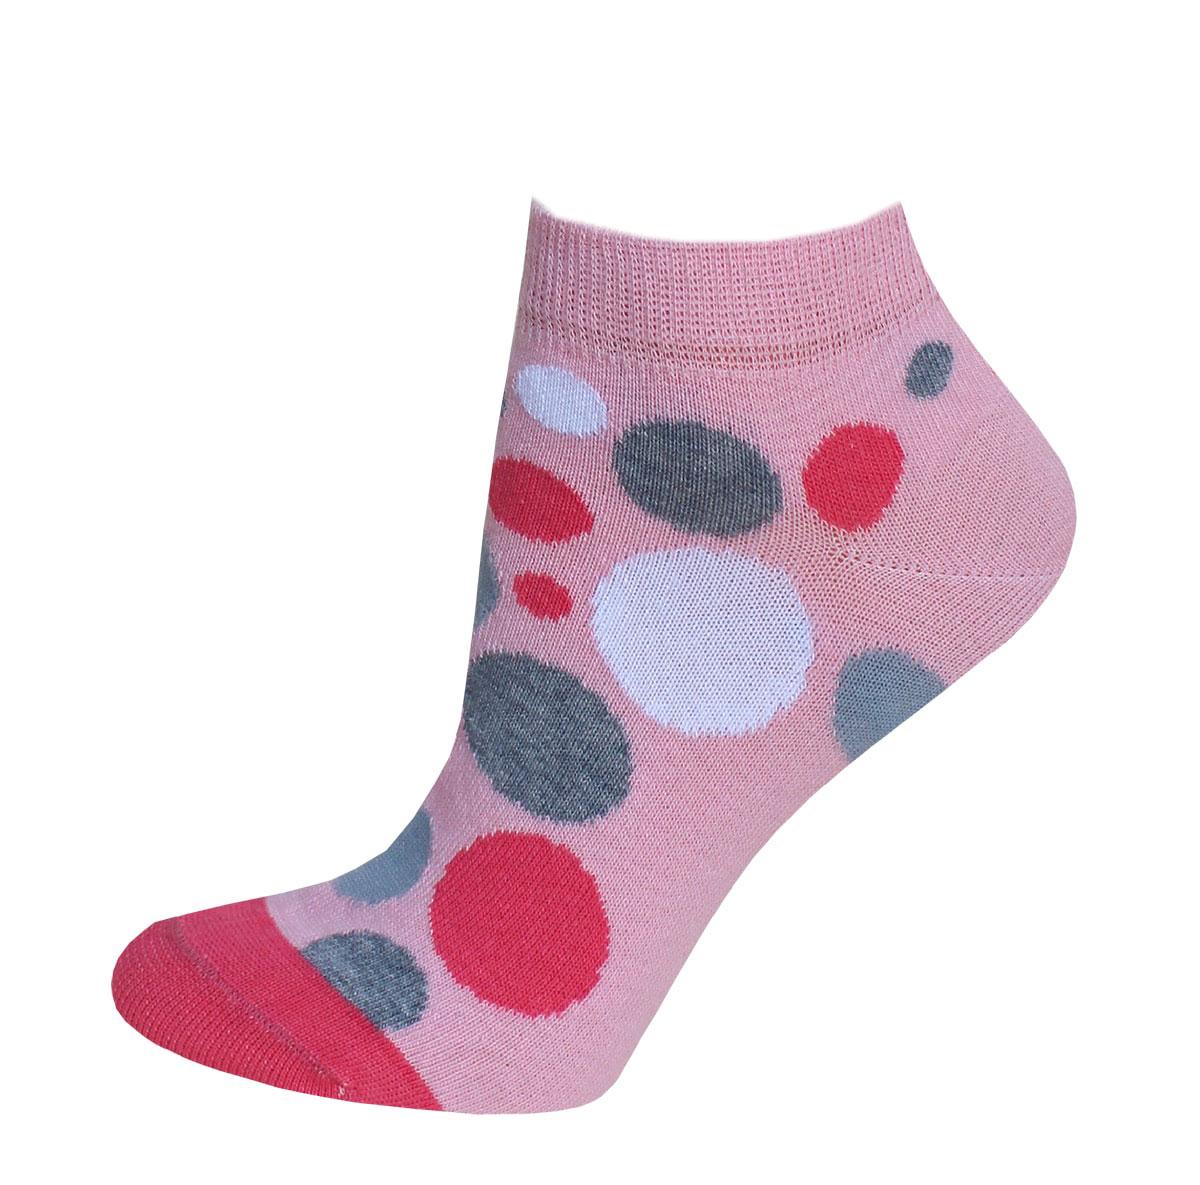 Носки14С1101/066Женские носки Брестские Classic выполнены из хлопка с добавлением полиэстера и эластана. Укороченная модель оформлена принтом с цветными горошками.